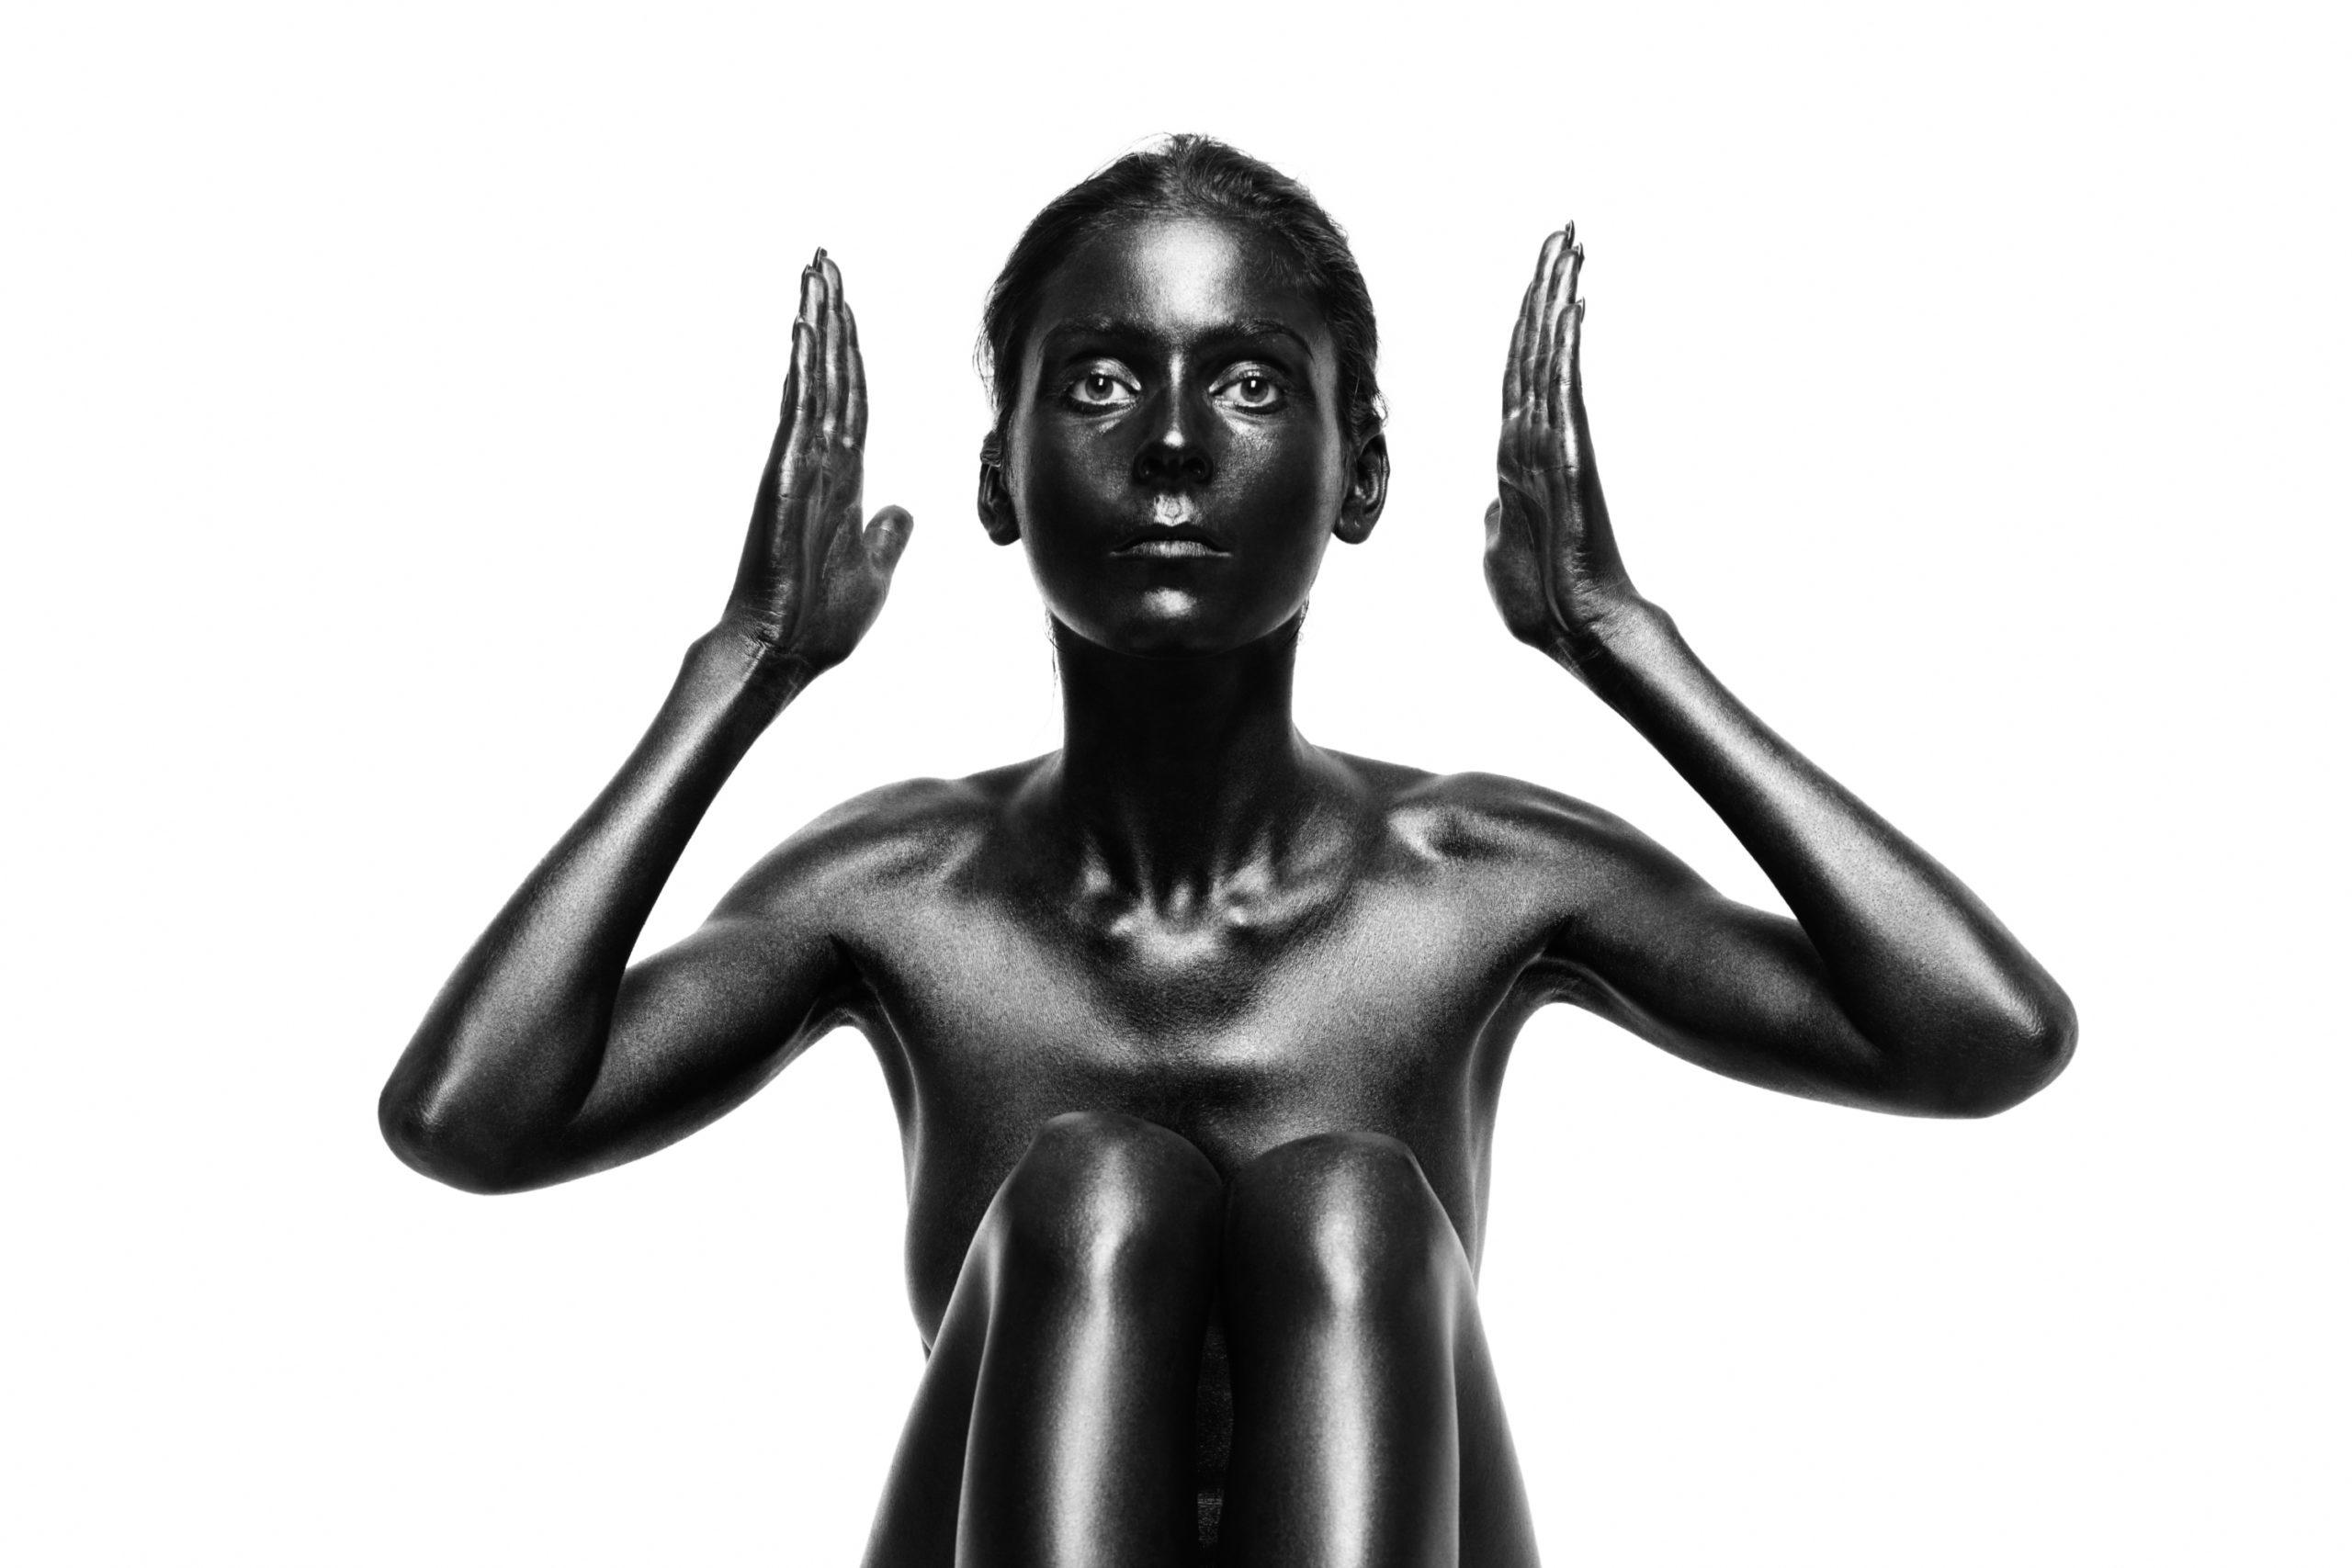 Black Lives Matter – New York, USA 2020